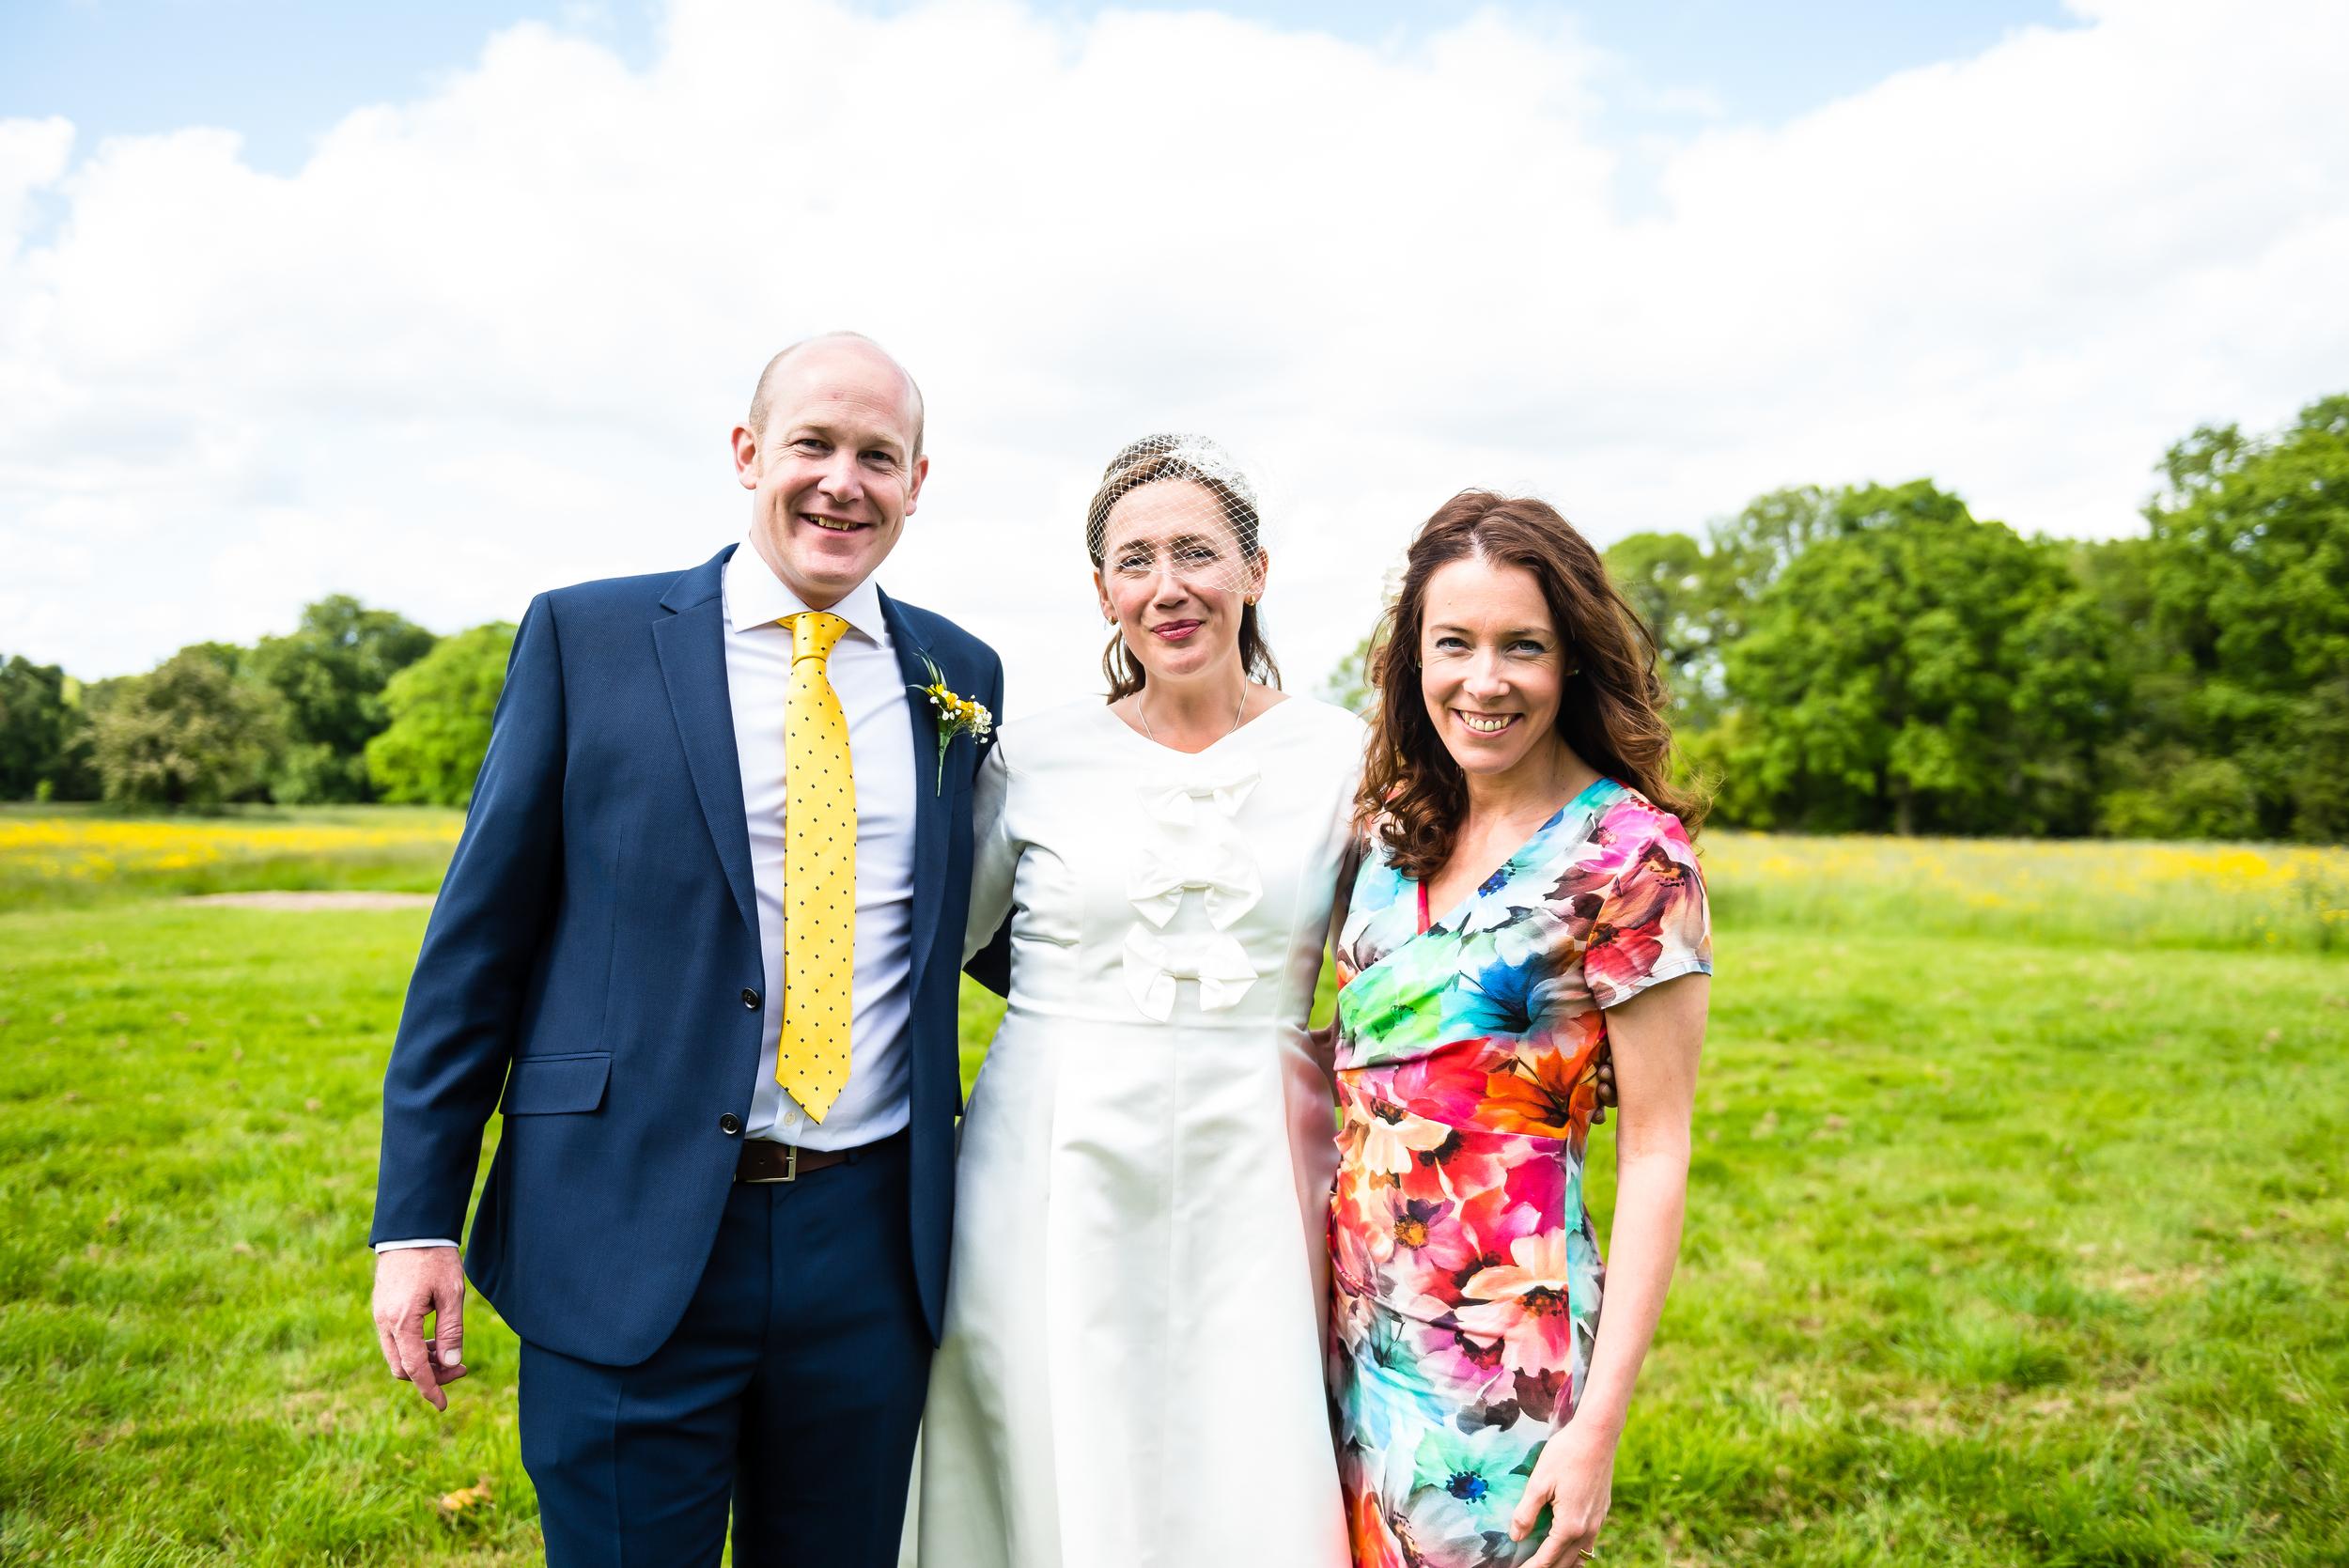 Celebrant Jo Clarke with the Newlyweds - My Perfect Ceremony - Wedding Celebrant Testimonial - Nic & Steve